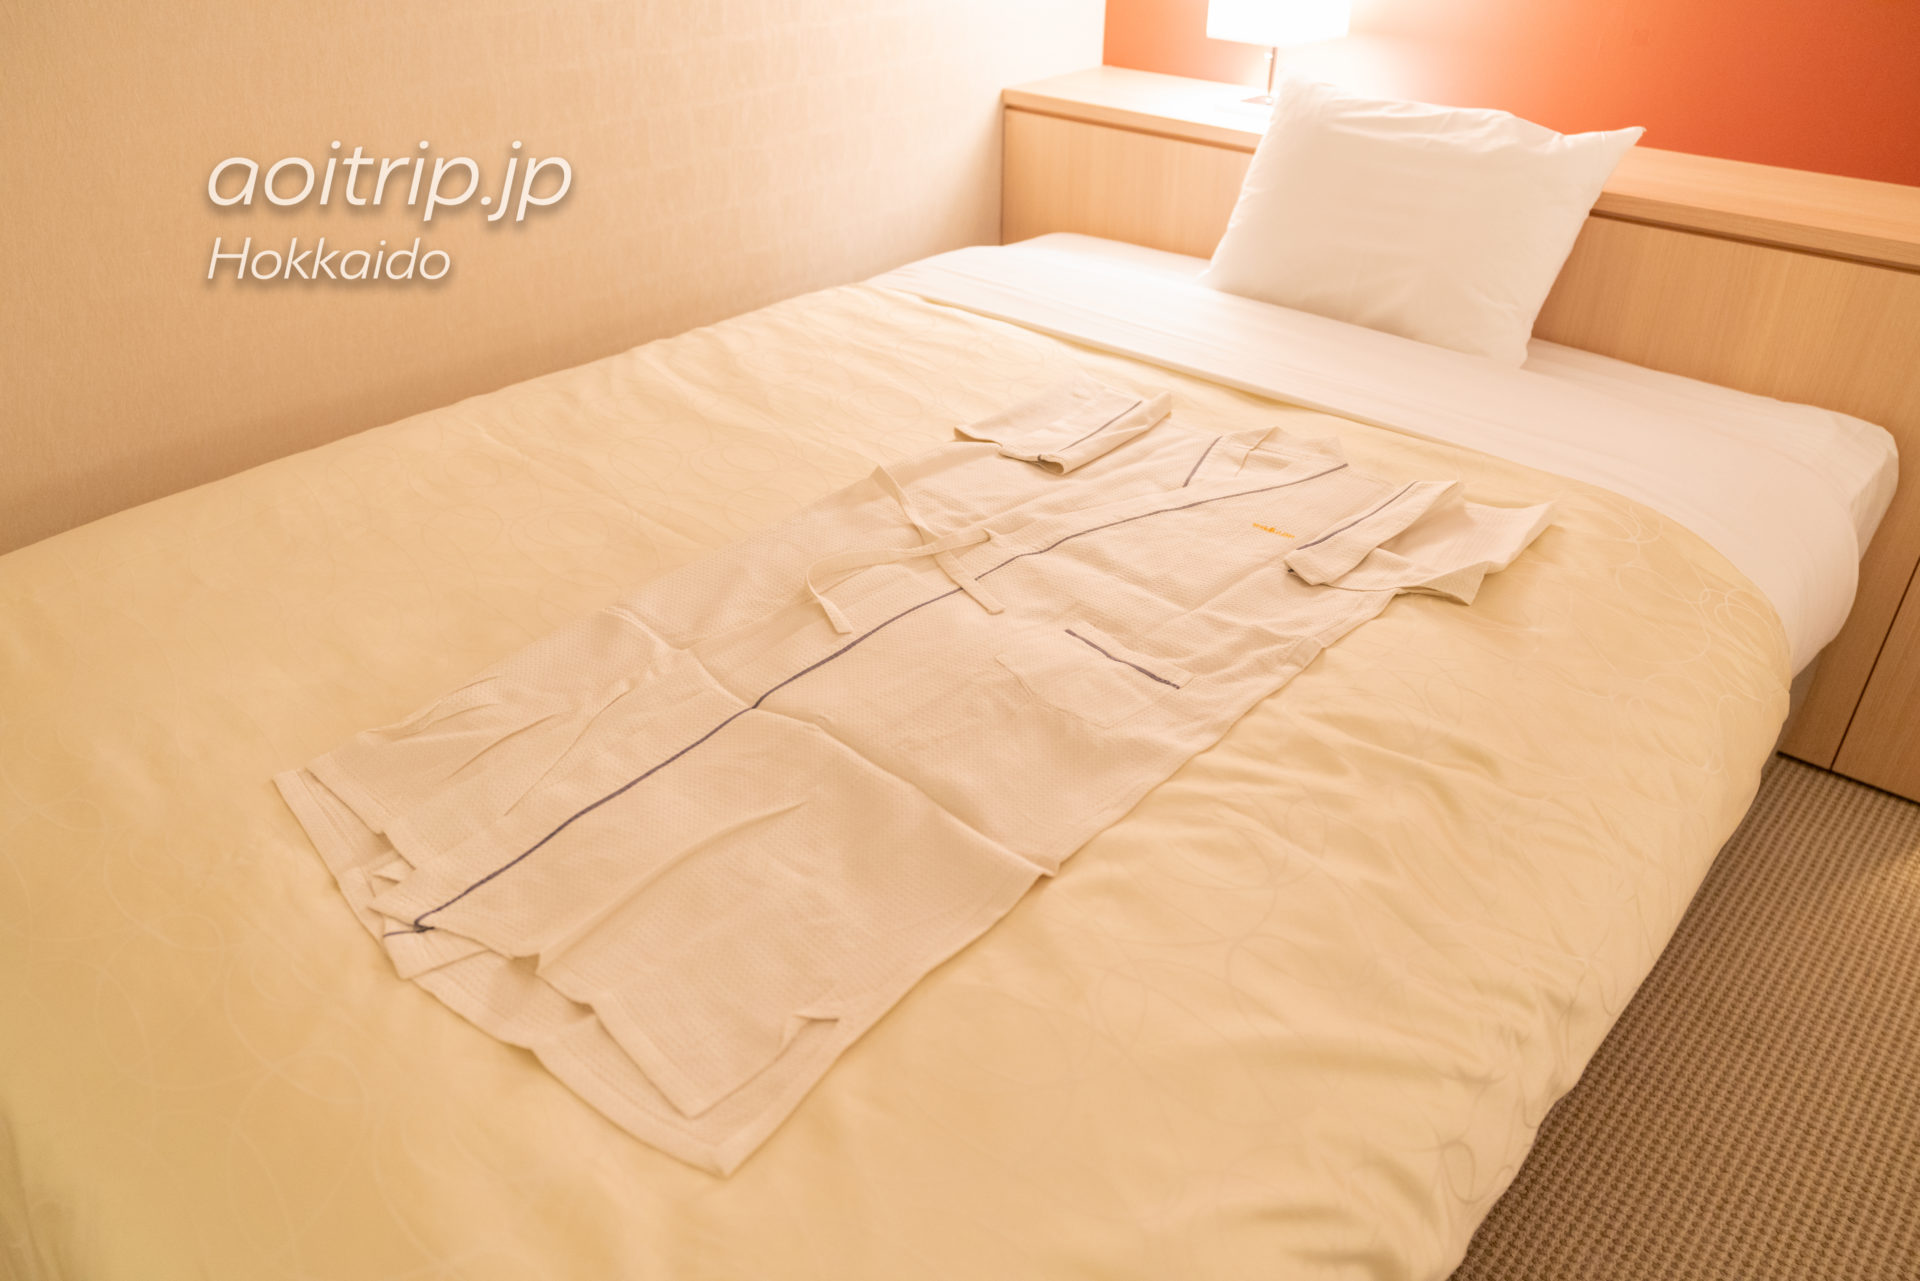 星野リゾート リゾナーレトマム 宿泊記|Hoshino Risonare Tomamu スイートツインルームの部屋着(パジャマ)